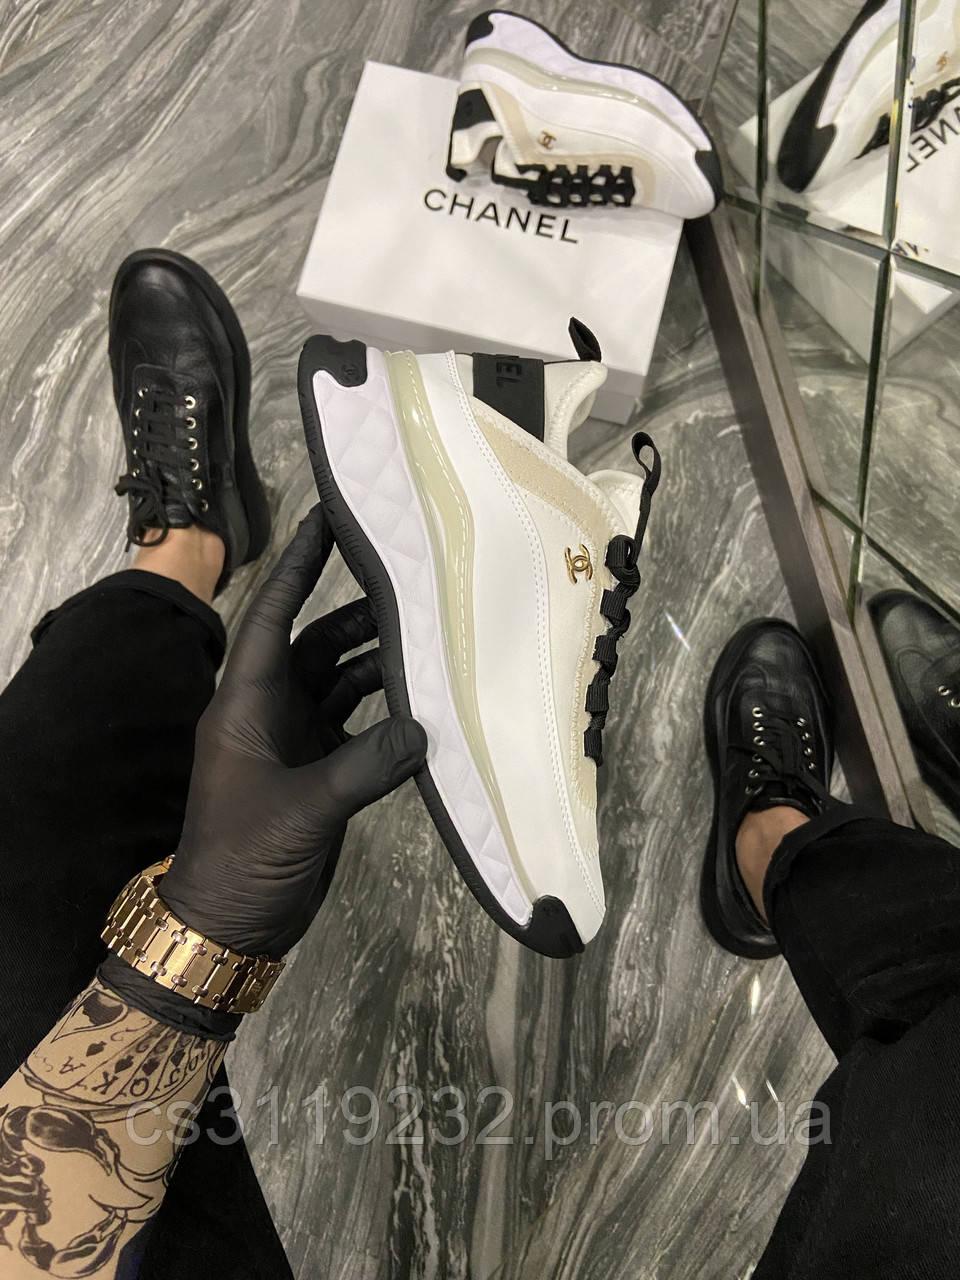 Женские кроссовки Chanel Sneakers White (Белый) Кроссовки Шанель Люкс